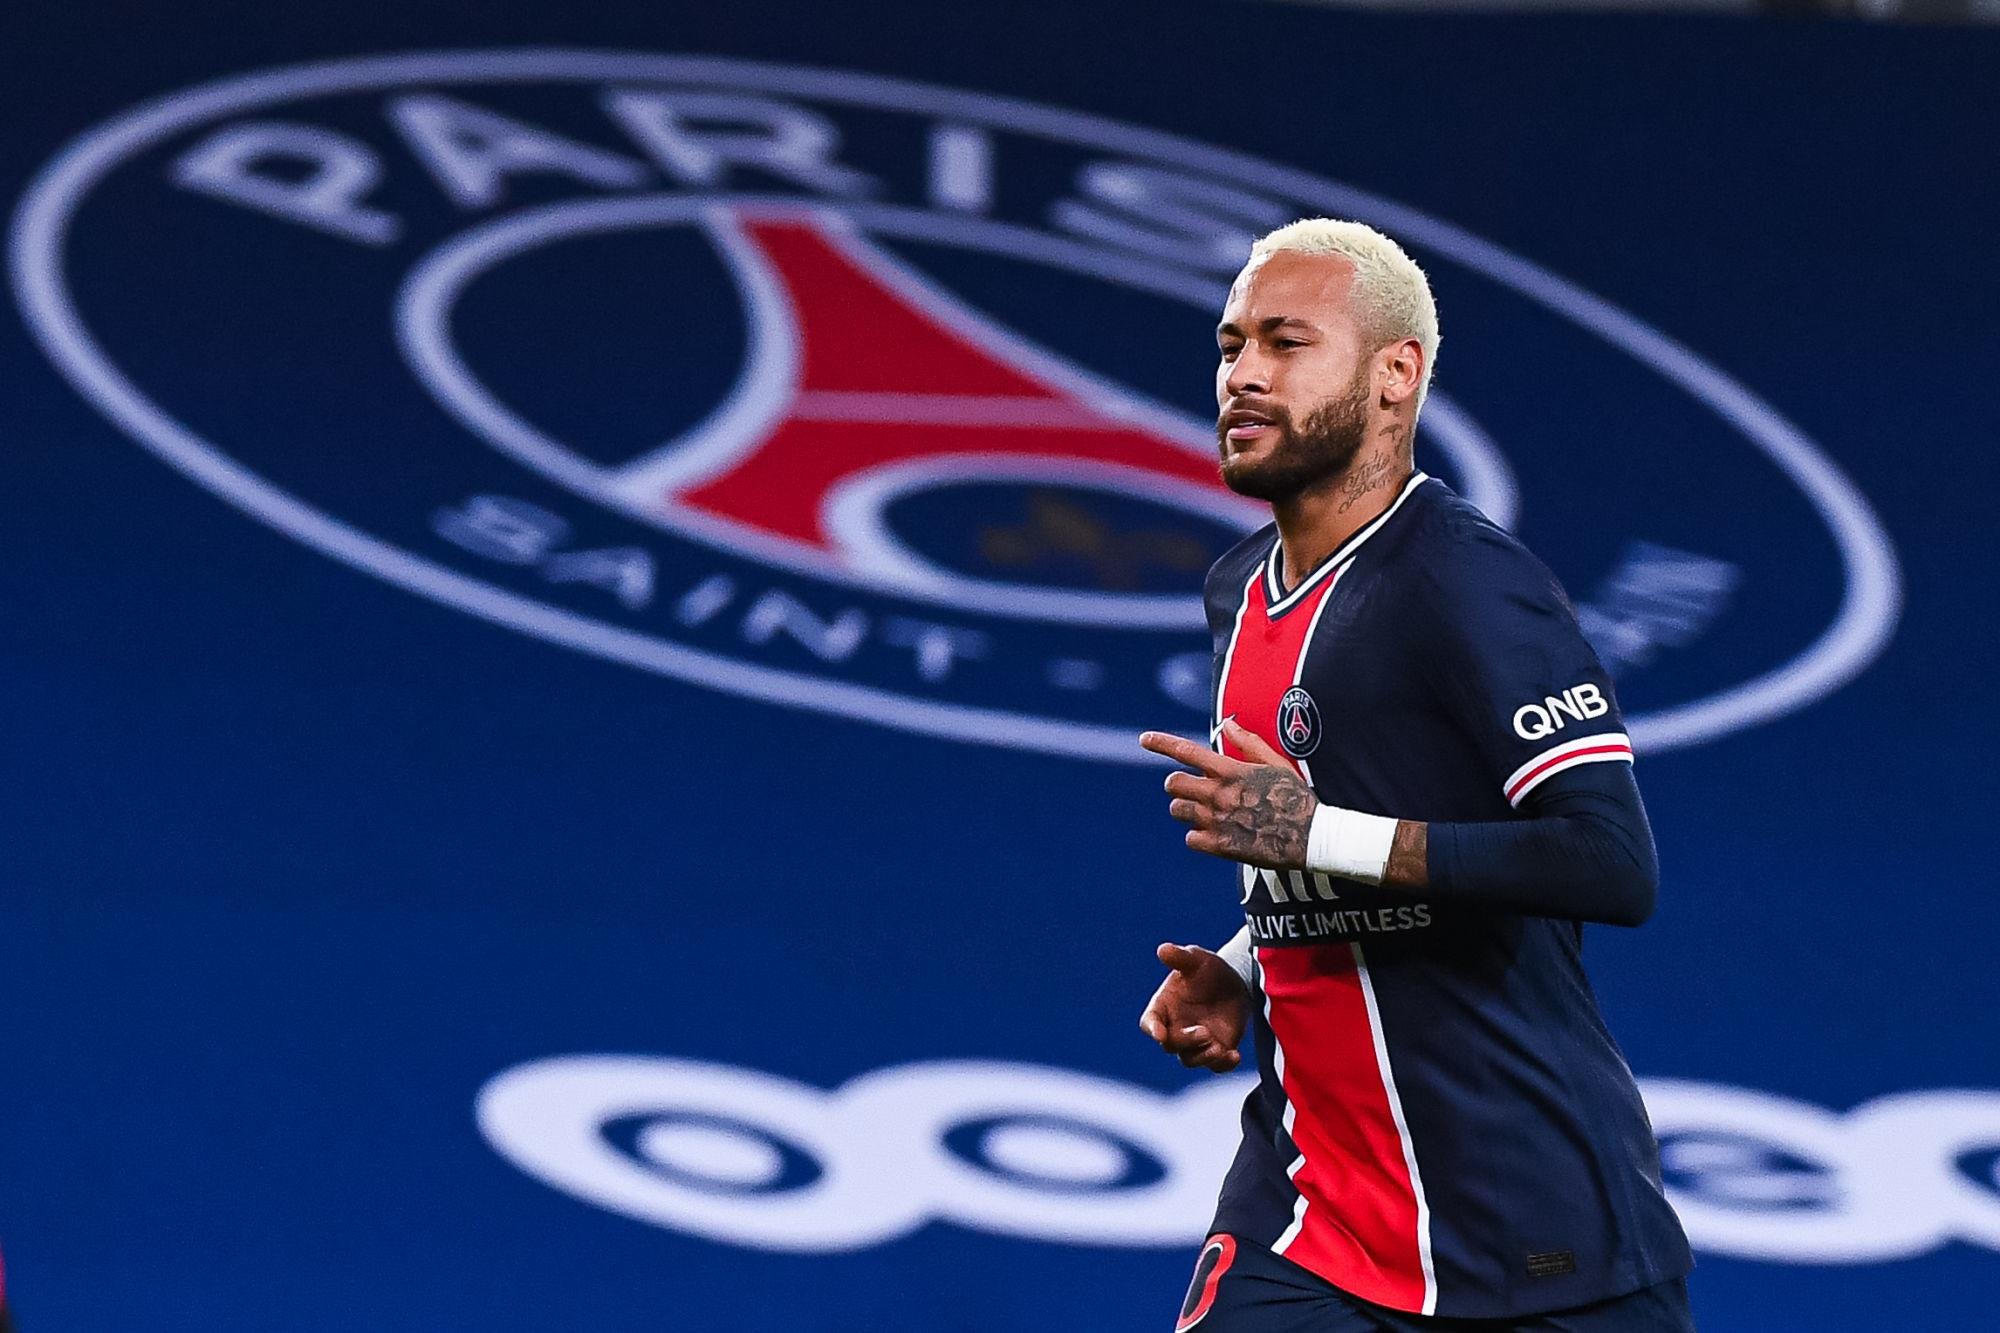 Prolongation de Neymar au PSG, L'Equipe évoque un démenti mais aussi un grand optimisme